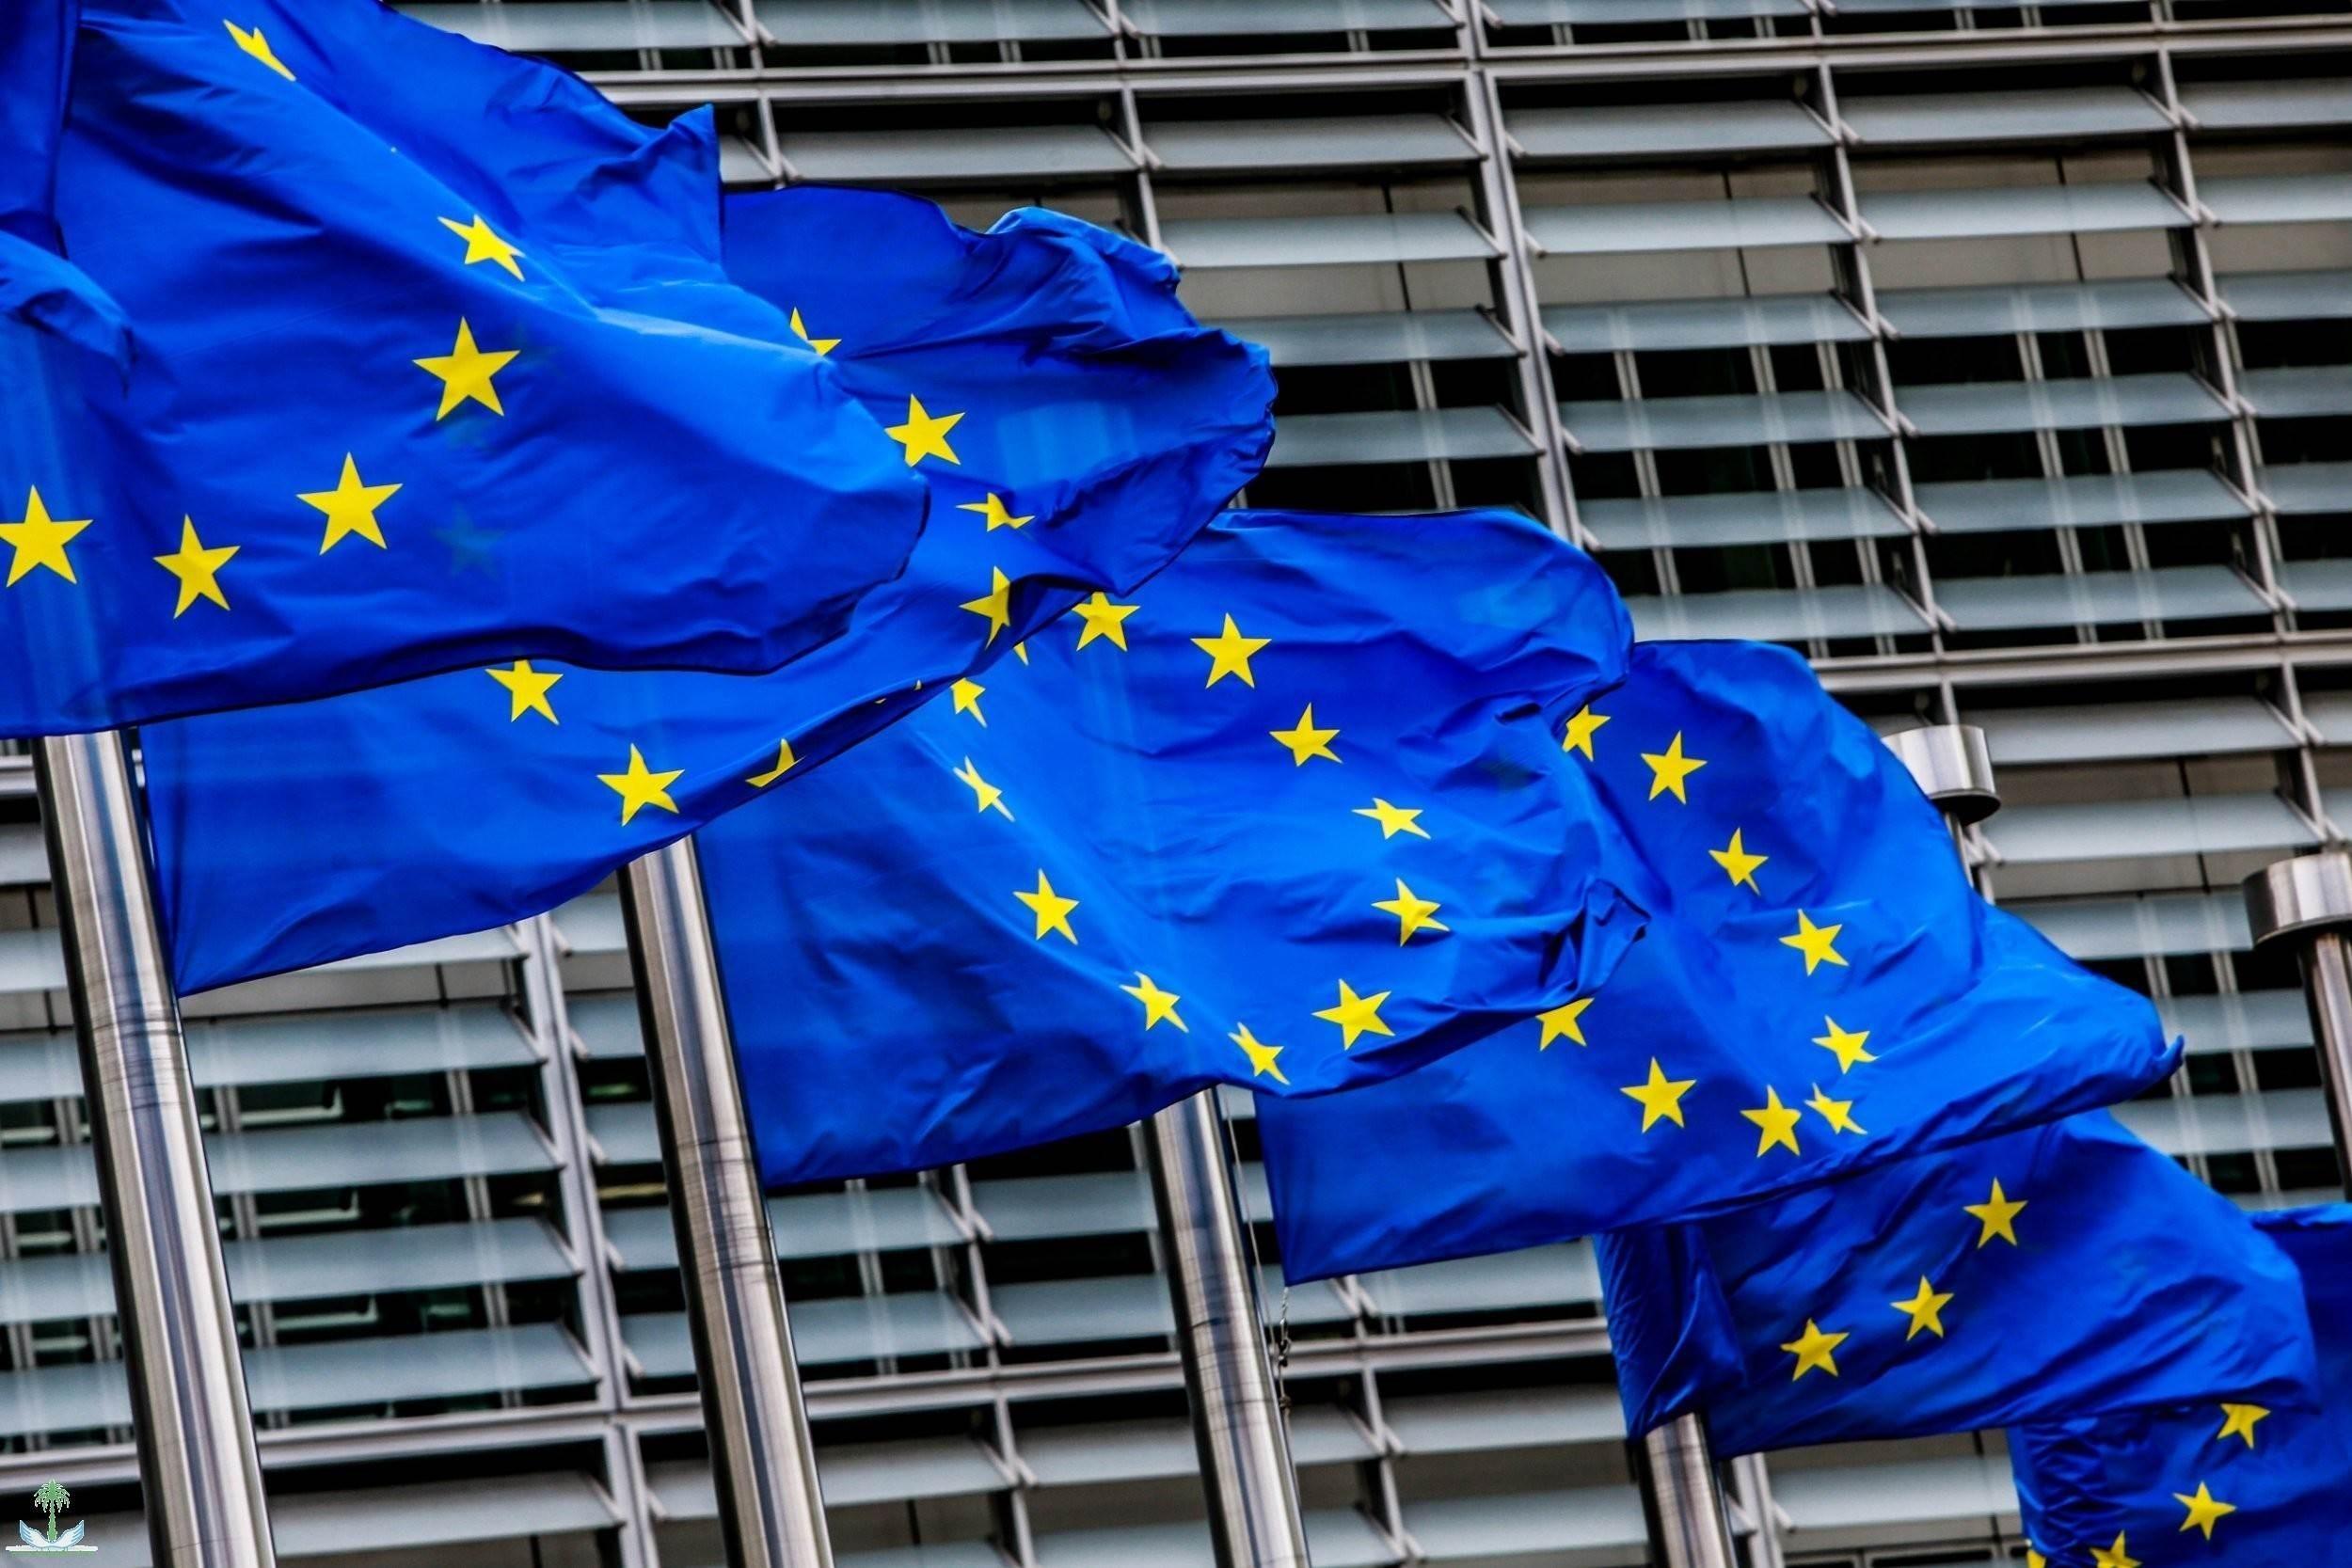 قمة دول البلقان مع الاتحاد الاوروبي... لمواجهة روسيا والصين؟